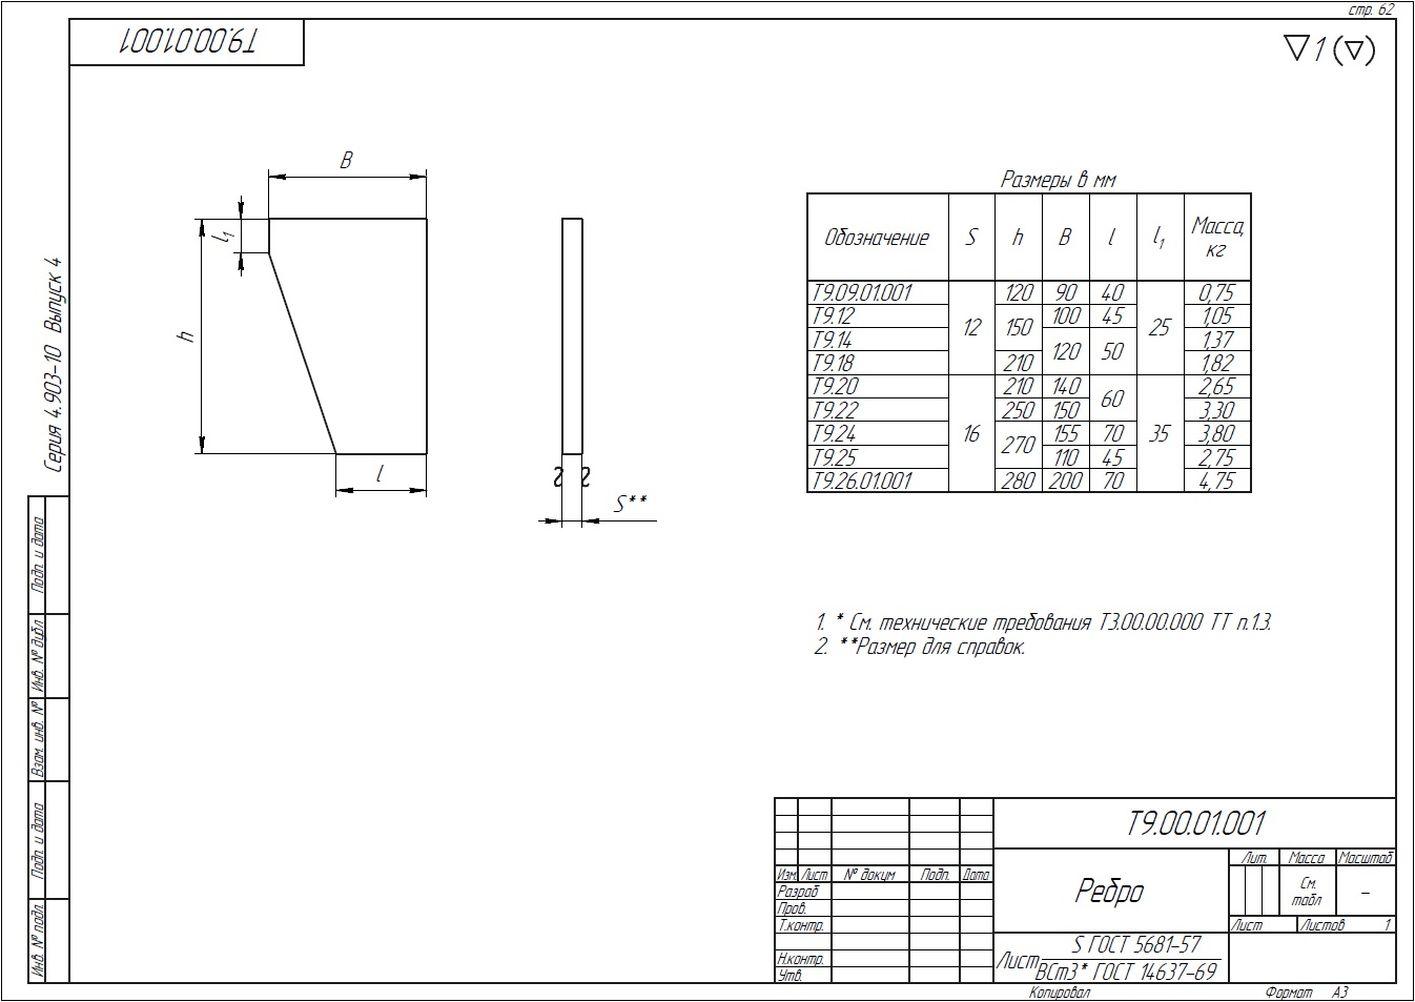 Опора неподвижная щитовая усиленная Т9 серия 4.903-10 вып.4 стр.9